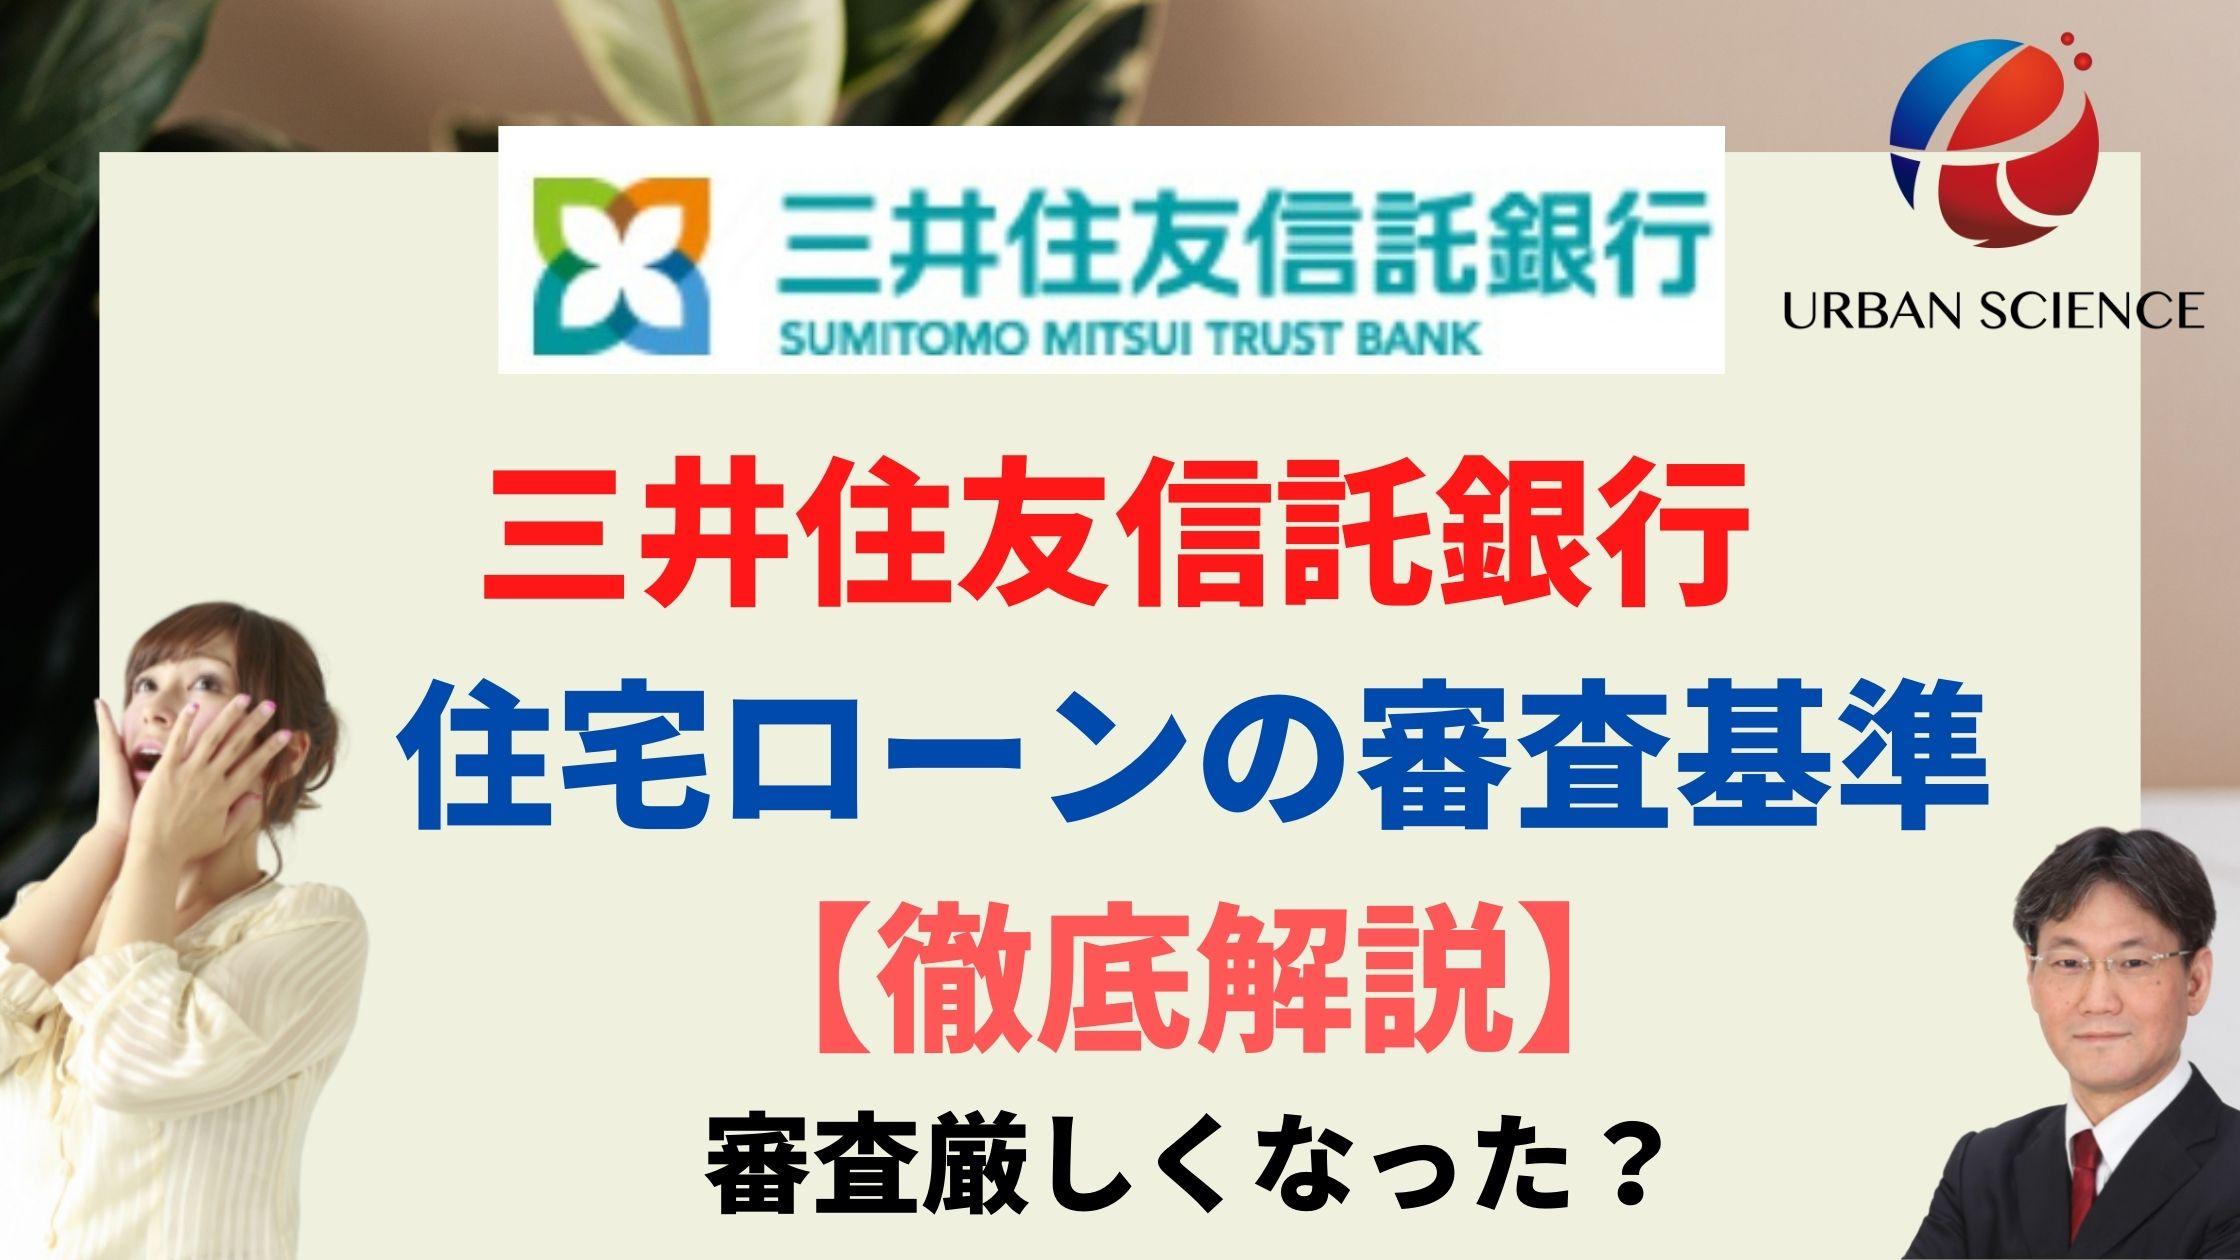 ローン 三井 住宅 信託 住友 銀行